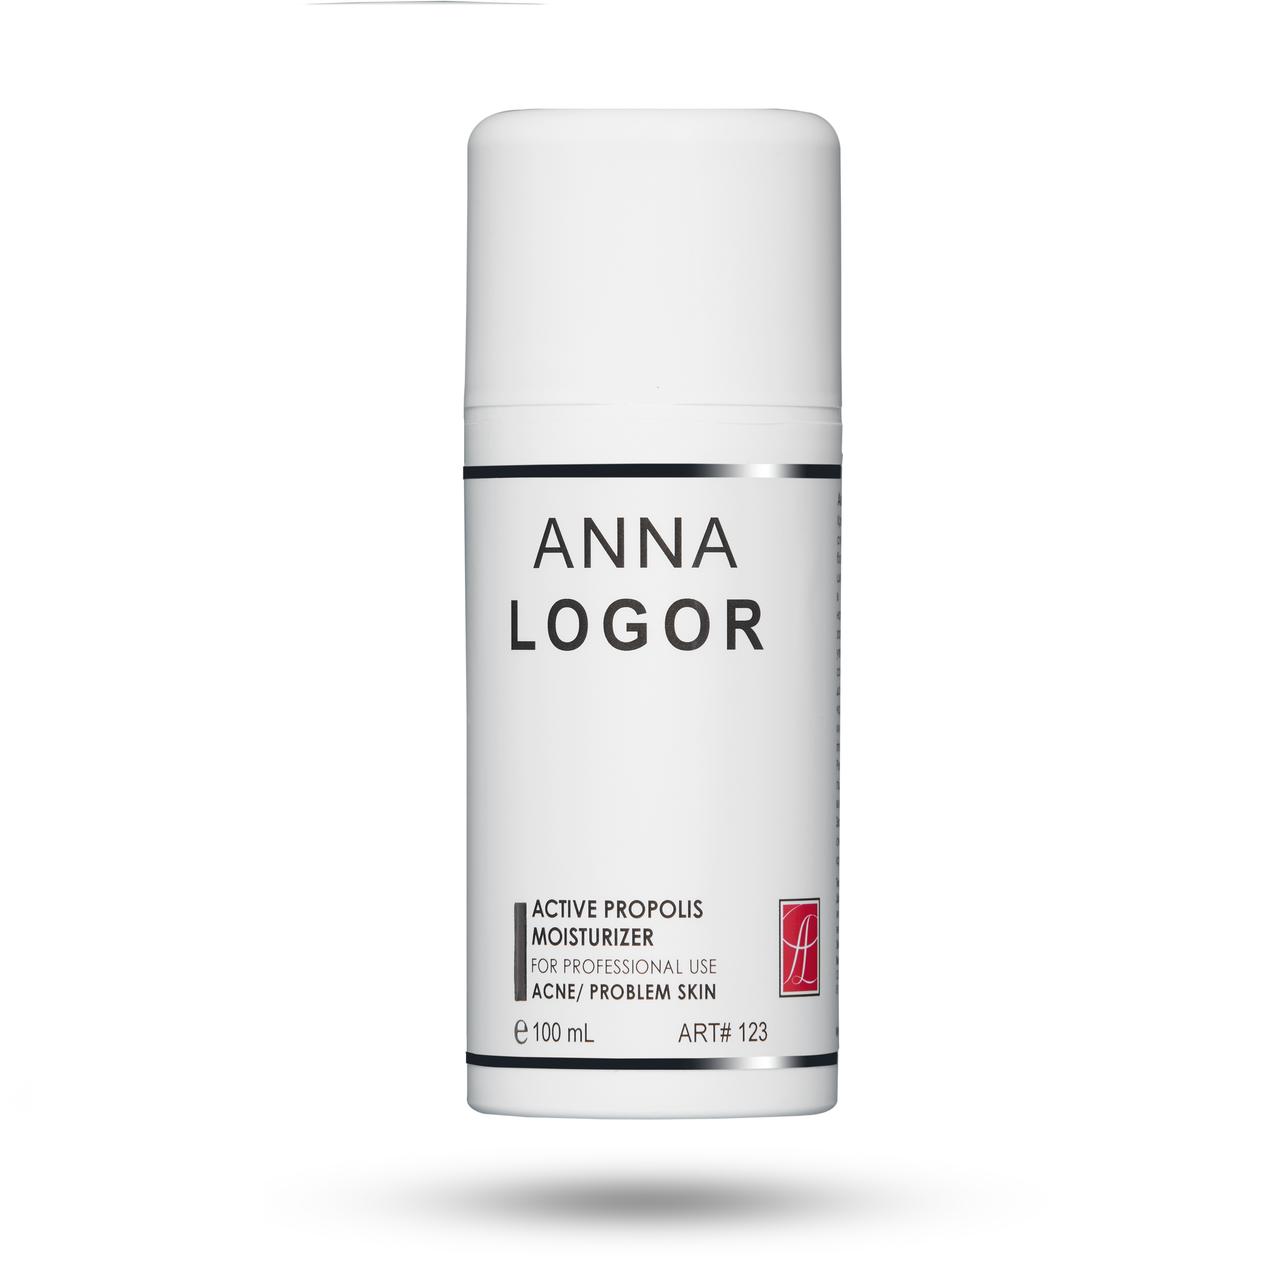 Активний крем з прополісом для проблемної шкіри Анна Логор / Anna Logor Active Propolis Moisturizer Код 123